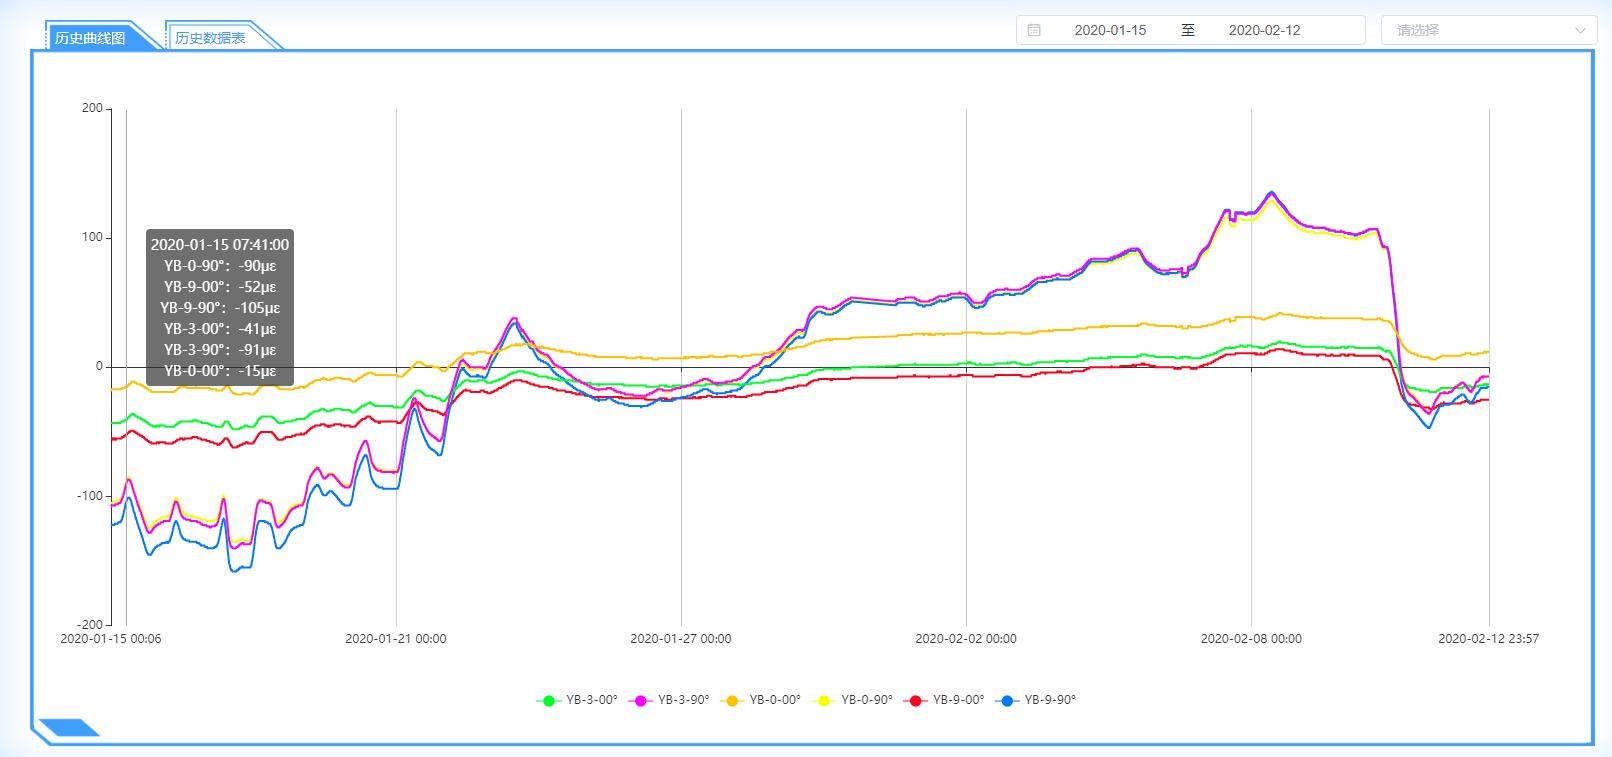 中贵线嘉陵江隧道穿越管段优发国际顶级在线应变监测